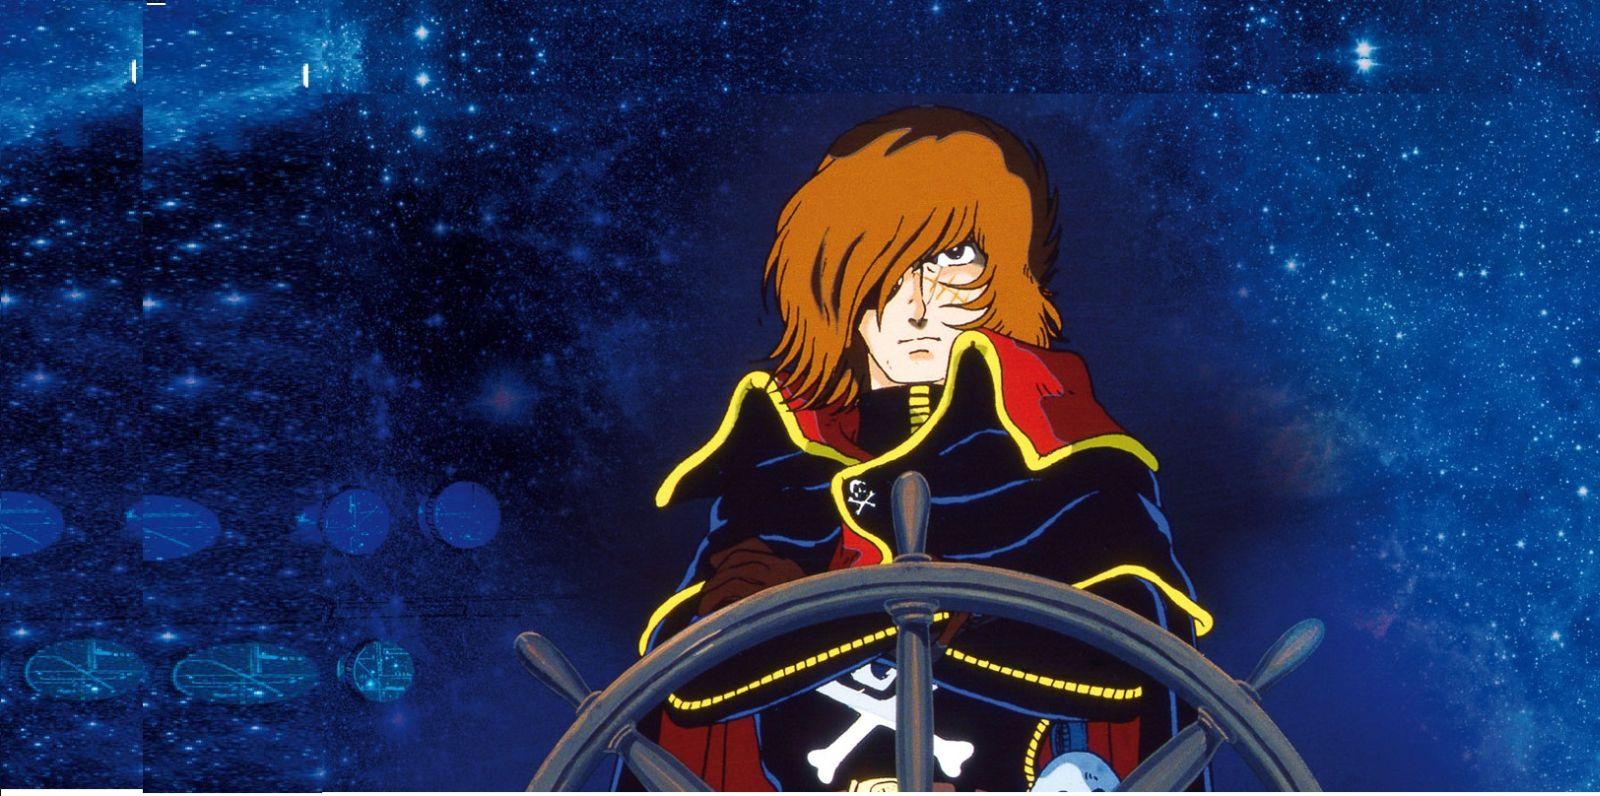 poster_Capitan Harlock L'Arcadia della mia Giovinezza - Copia